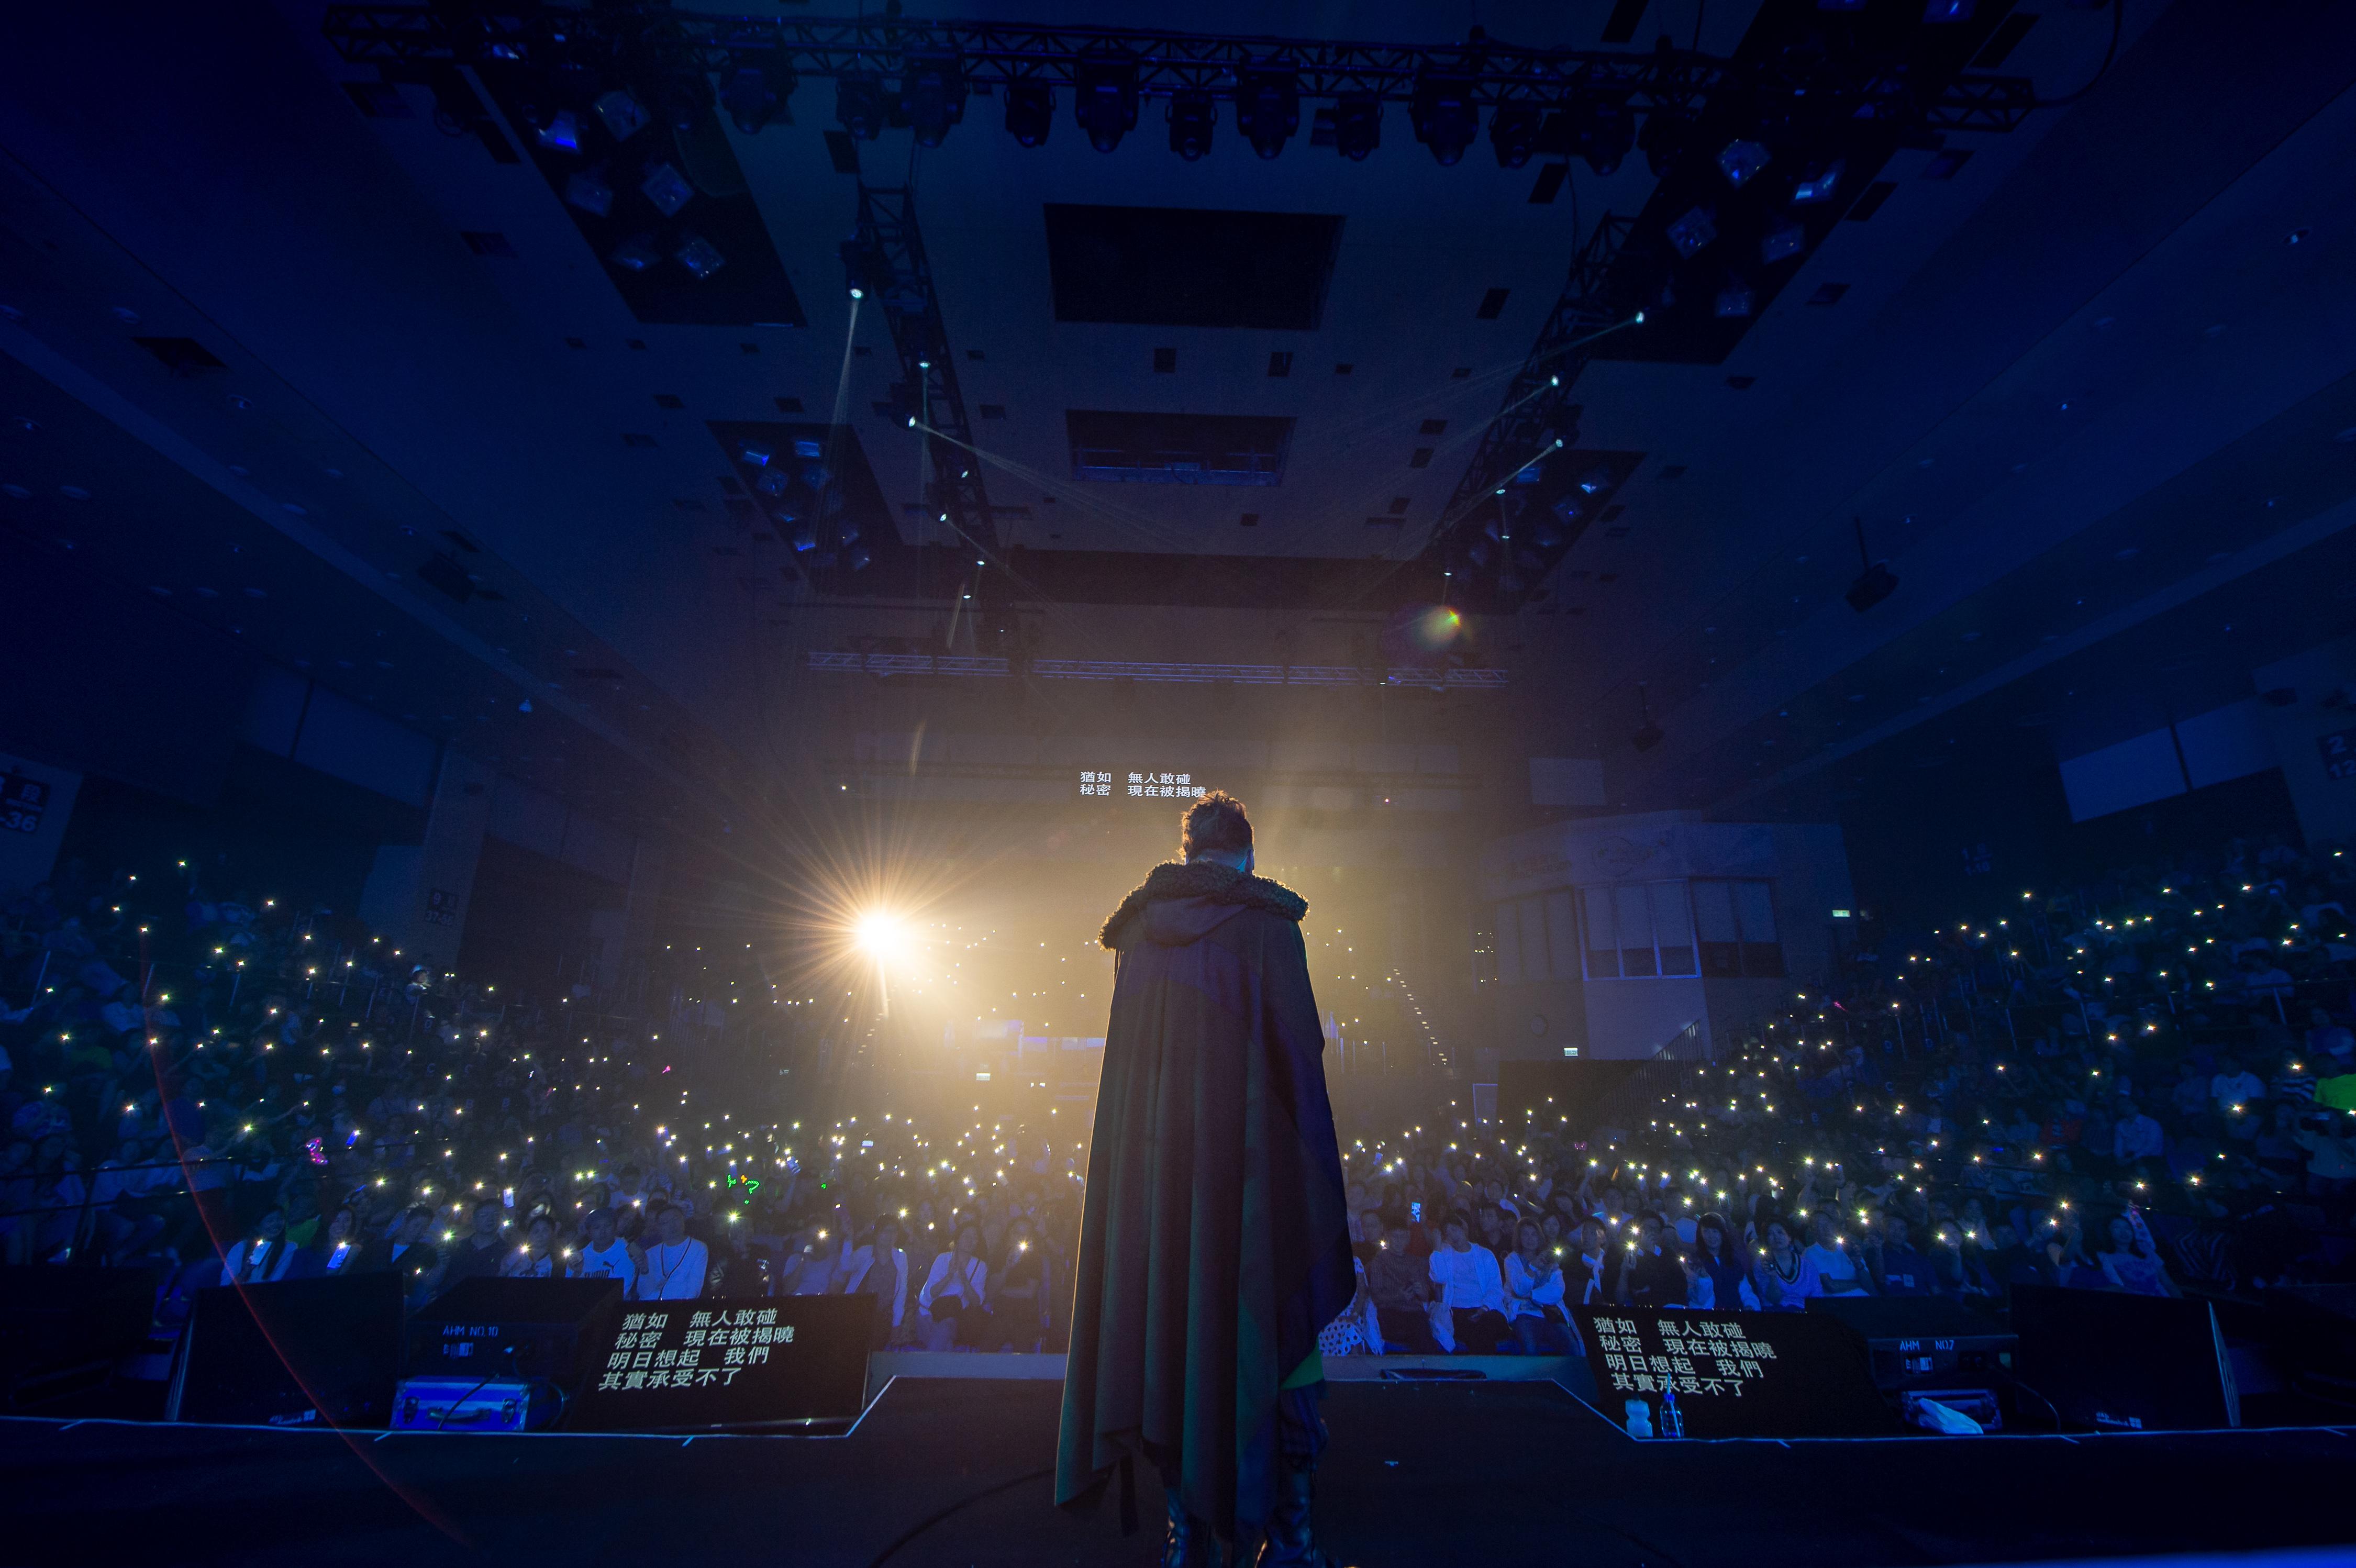 用190盞燈做麥花臣嘅舞台效果比較少見,但相信祥仔見到全場粉絲舉起手機燈會覺得更感動。